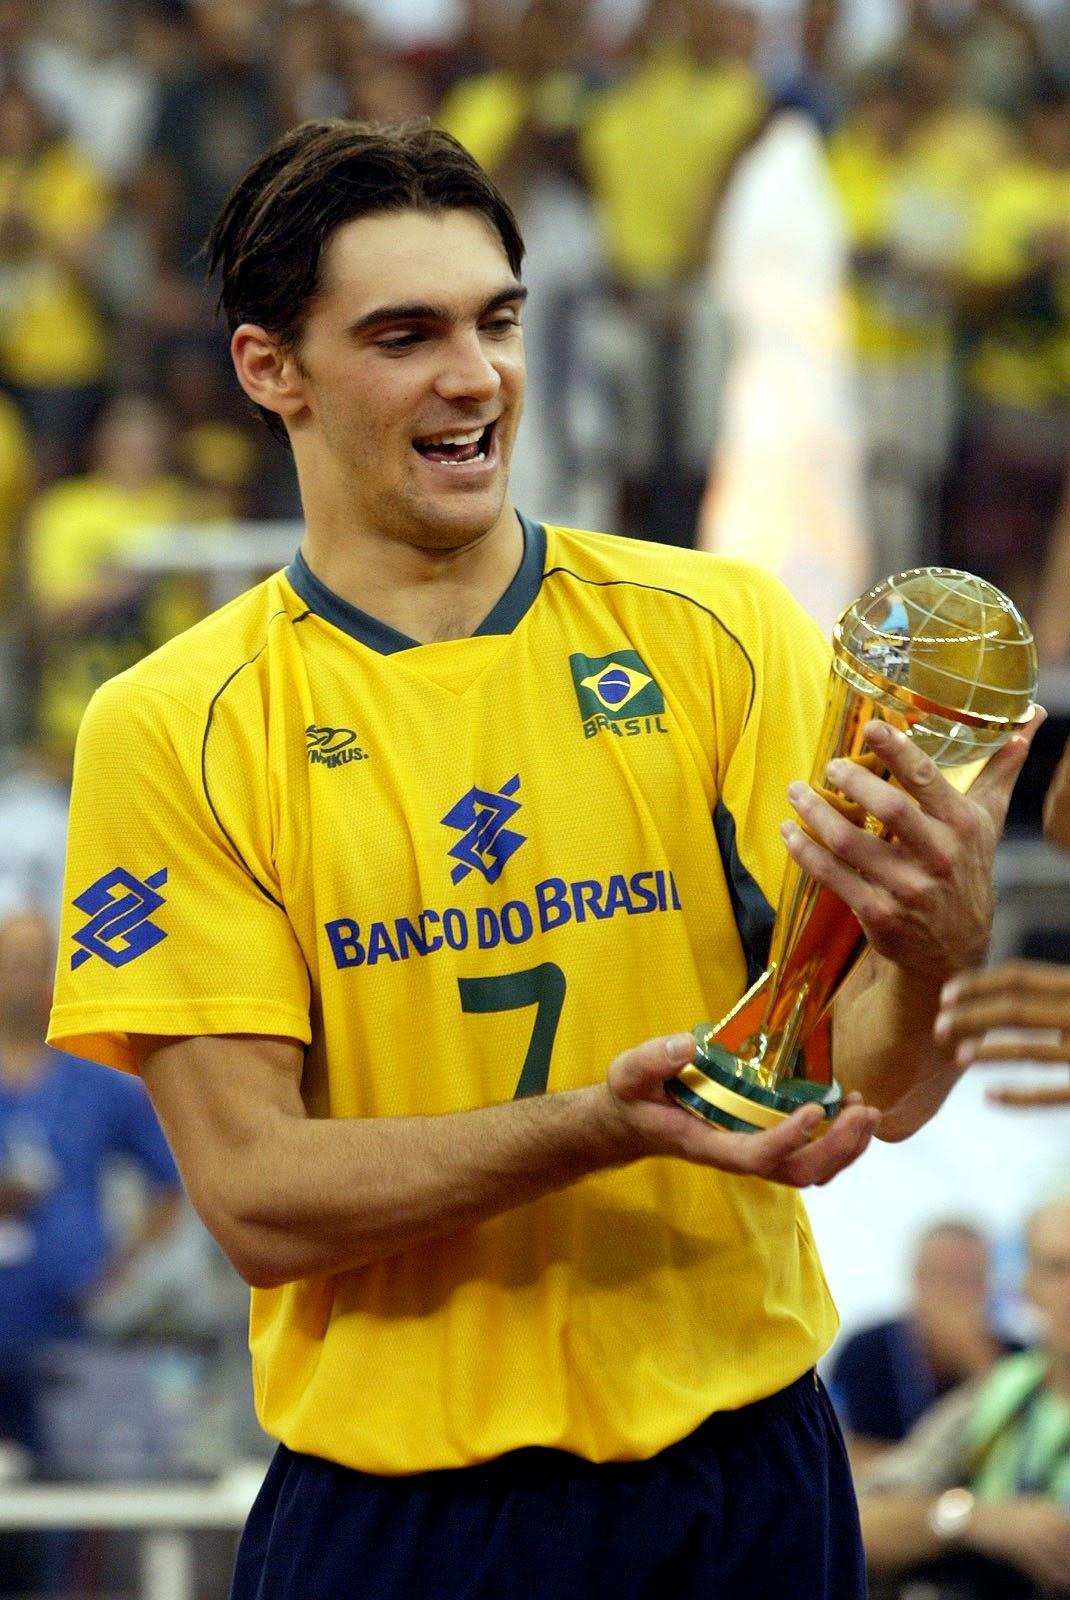 pemain voli terbaik di dunia gilberto godoy filho amauri de giba